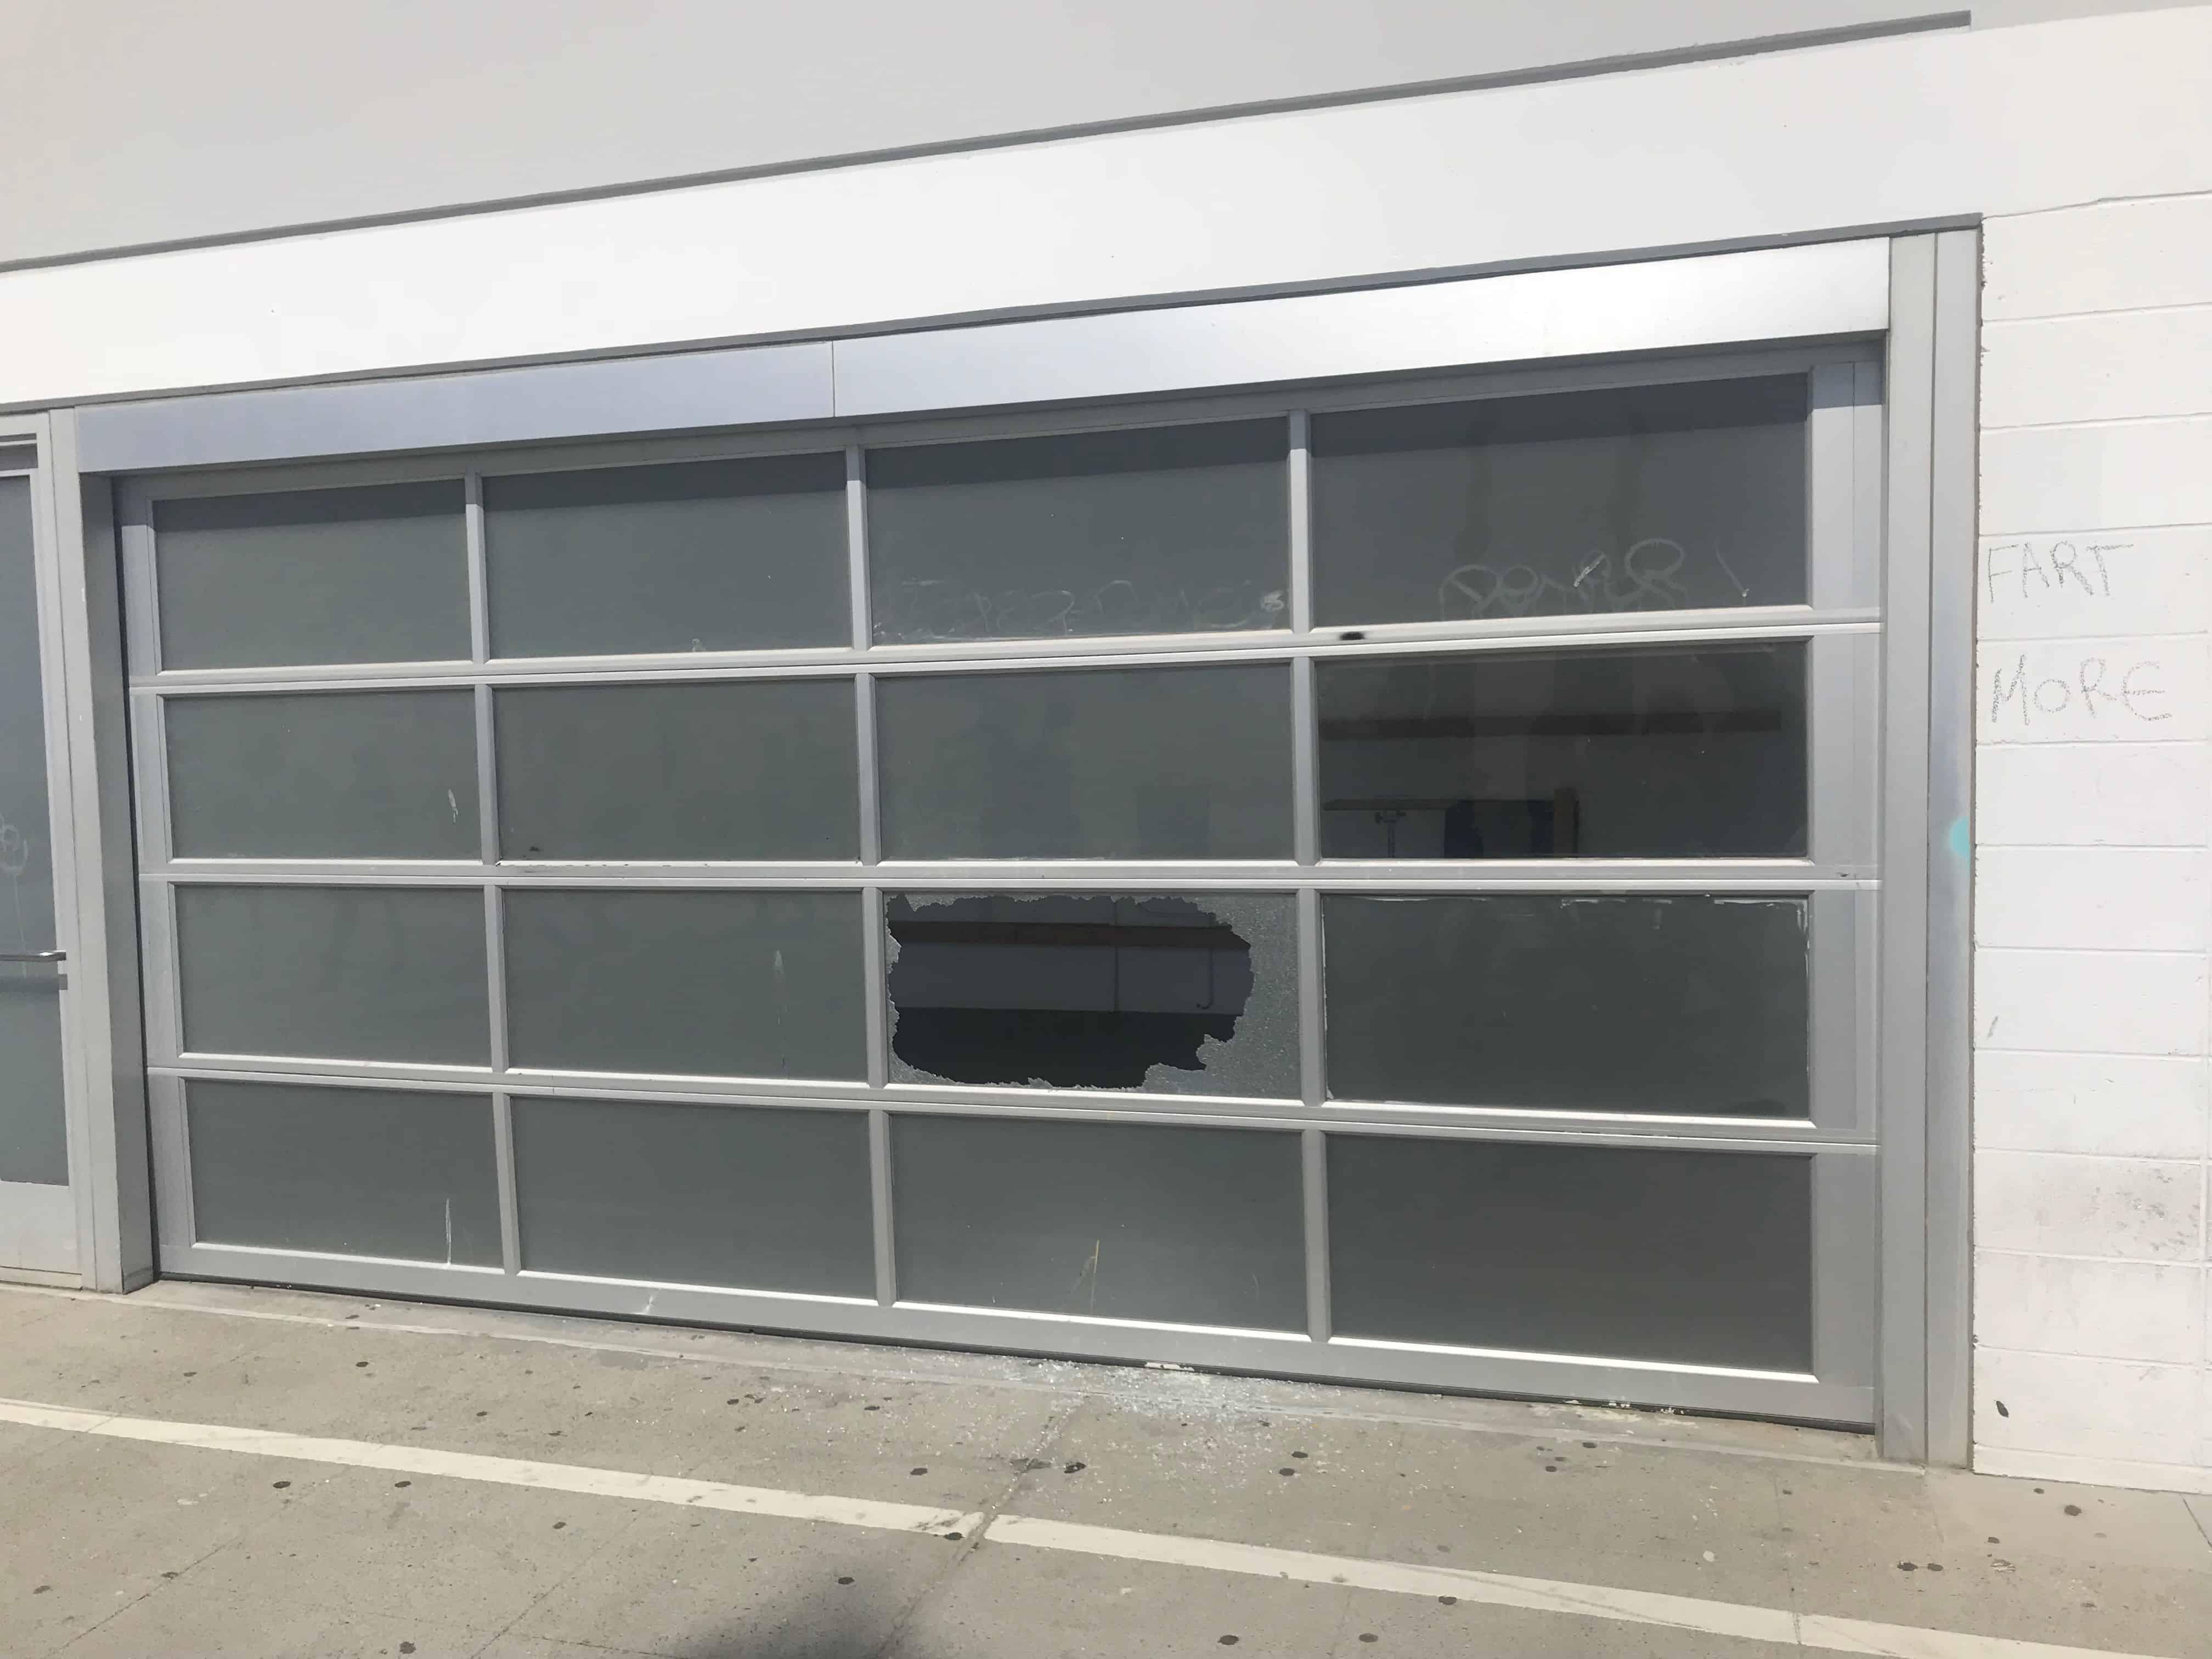 Bell Gardens CA Garage Door Repair & Replacement